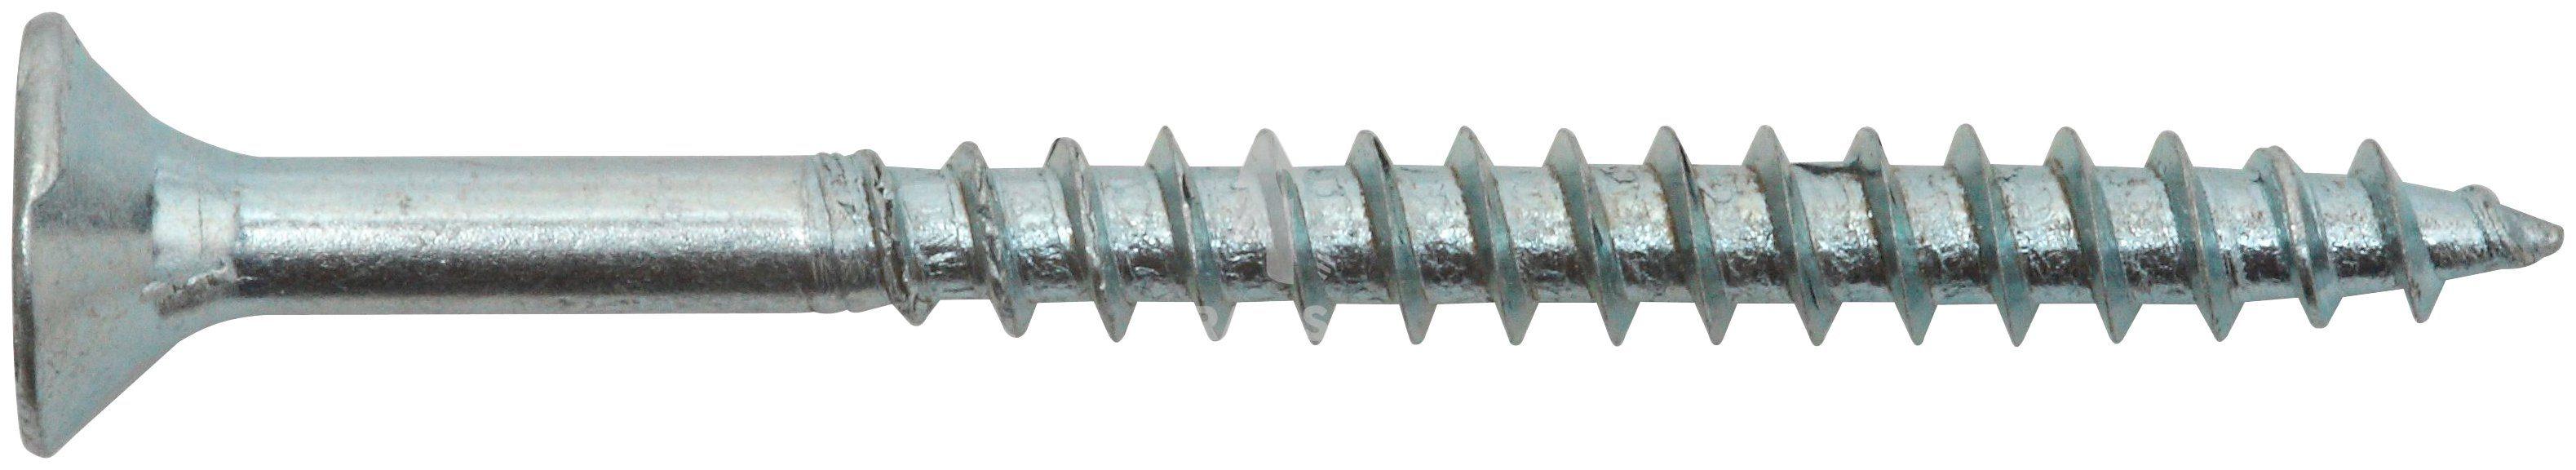 RAMSES Schrauben , Spanplattenschraube 4,5 x 45 mm PZ2 200 Stk.